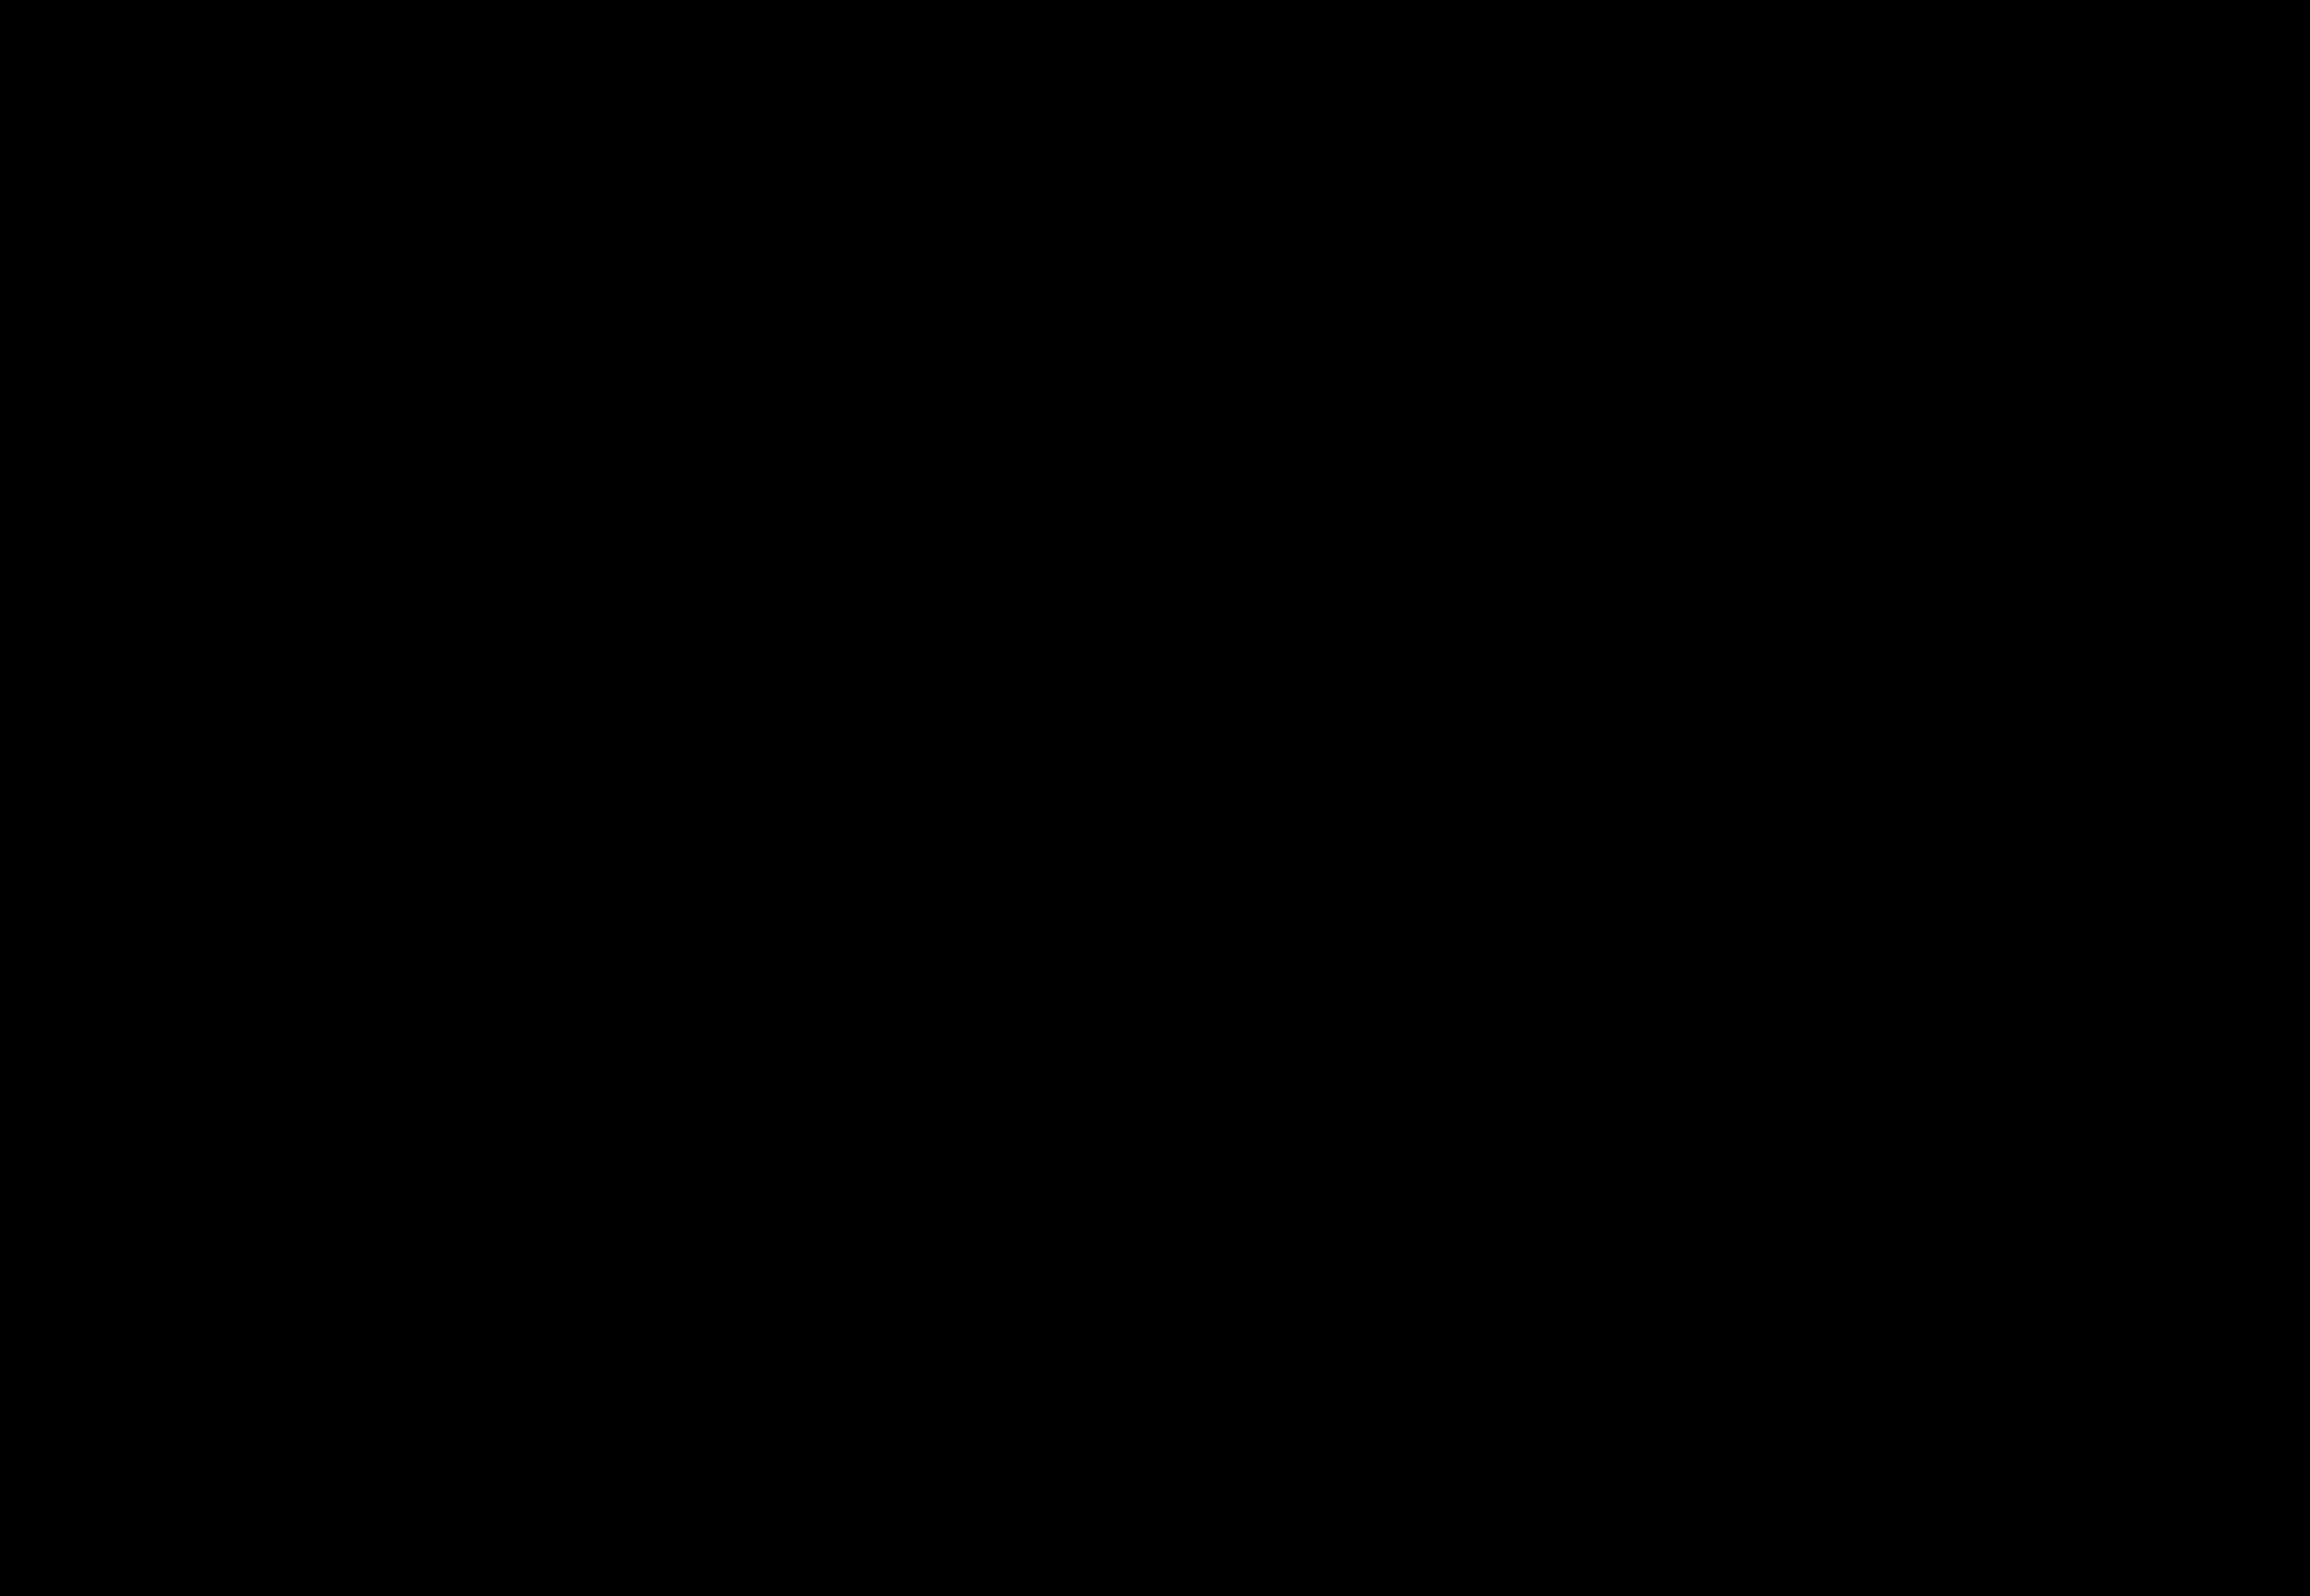 Lagerplan 1941 des ehemaligen Kriegsgefangenenlager Oflag 6b in Dössel